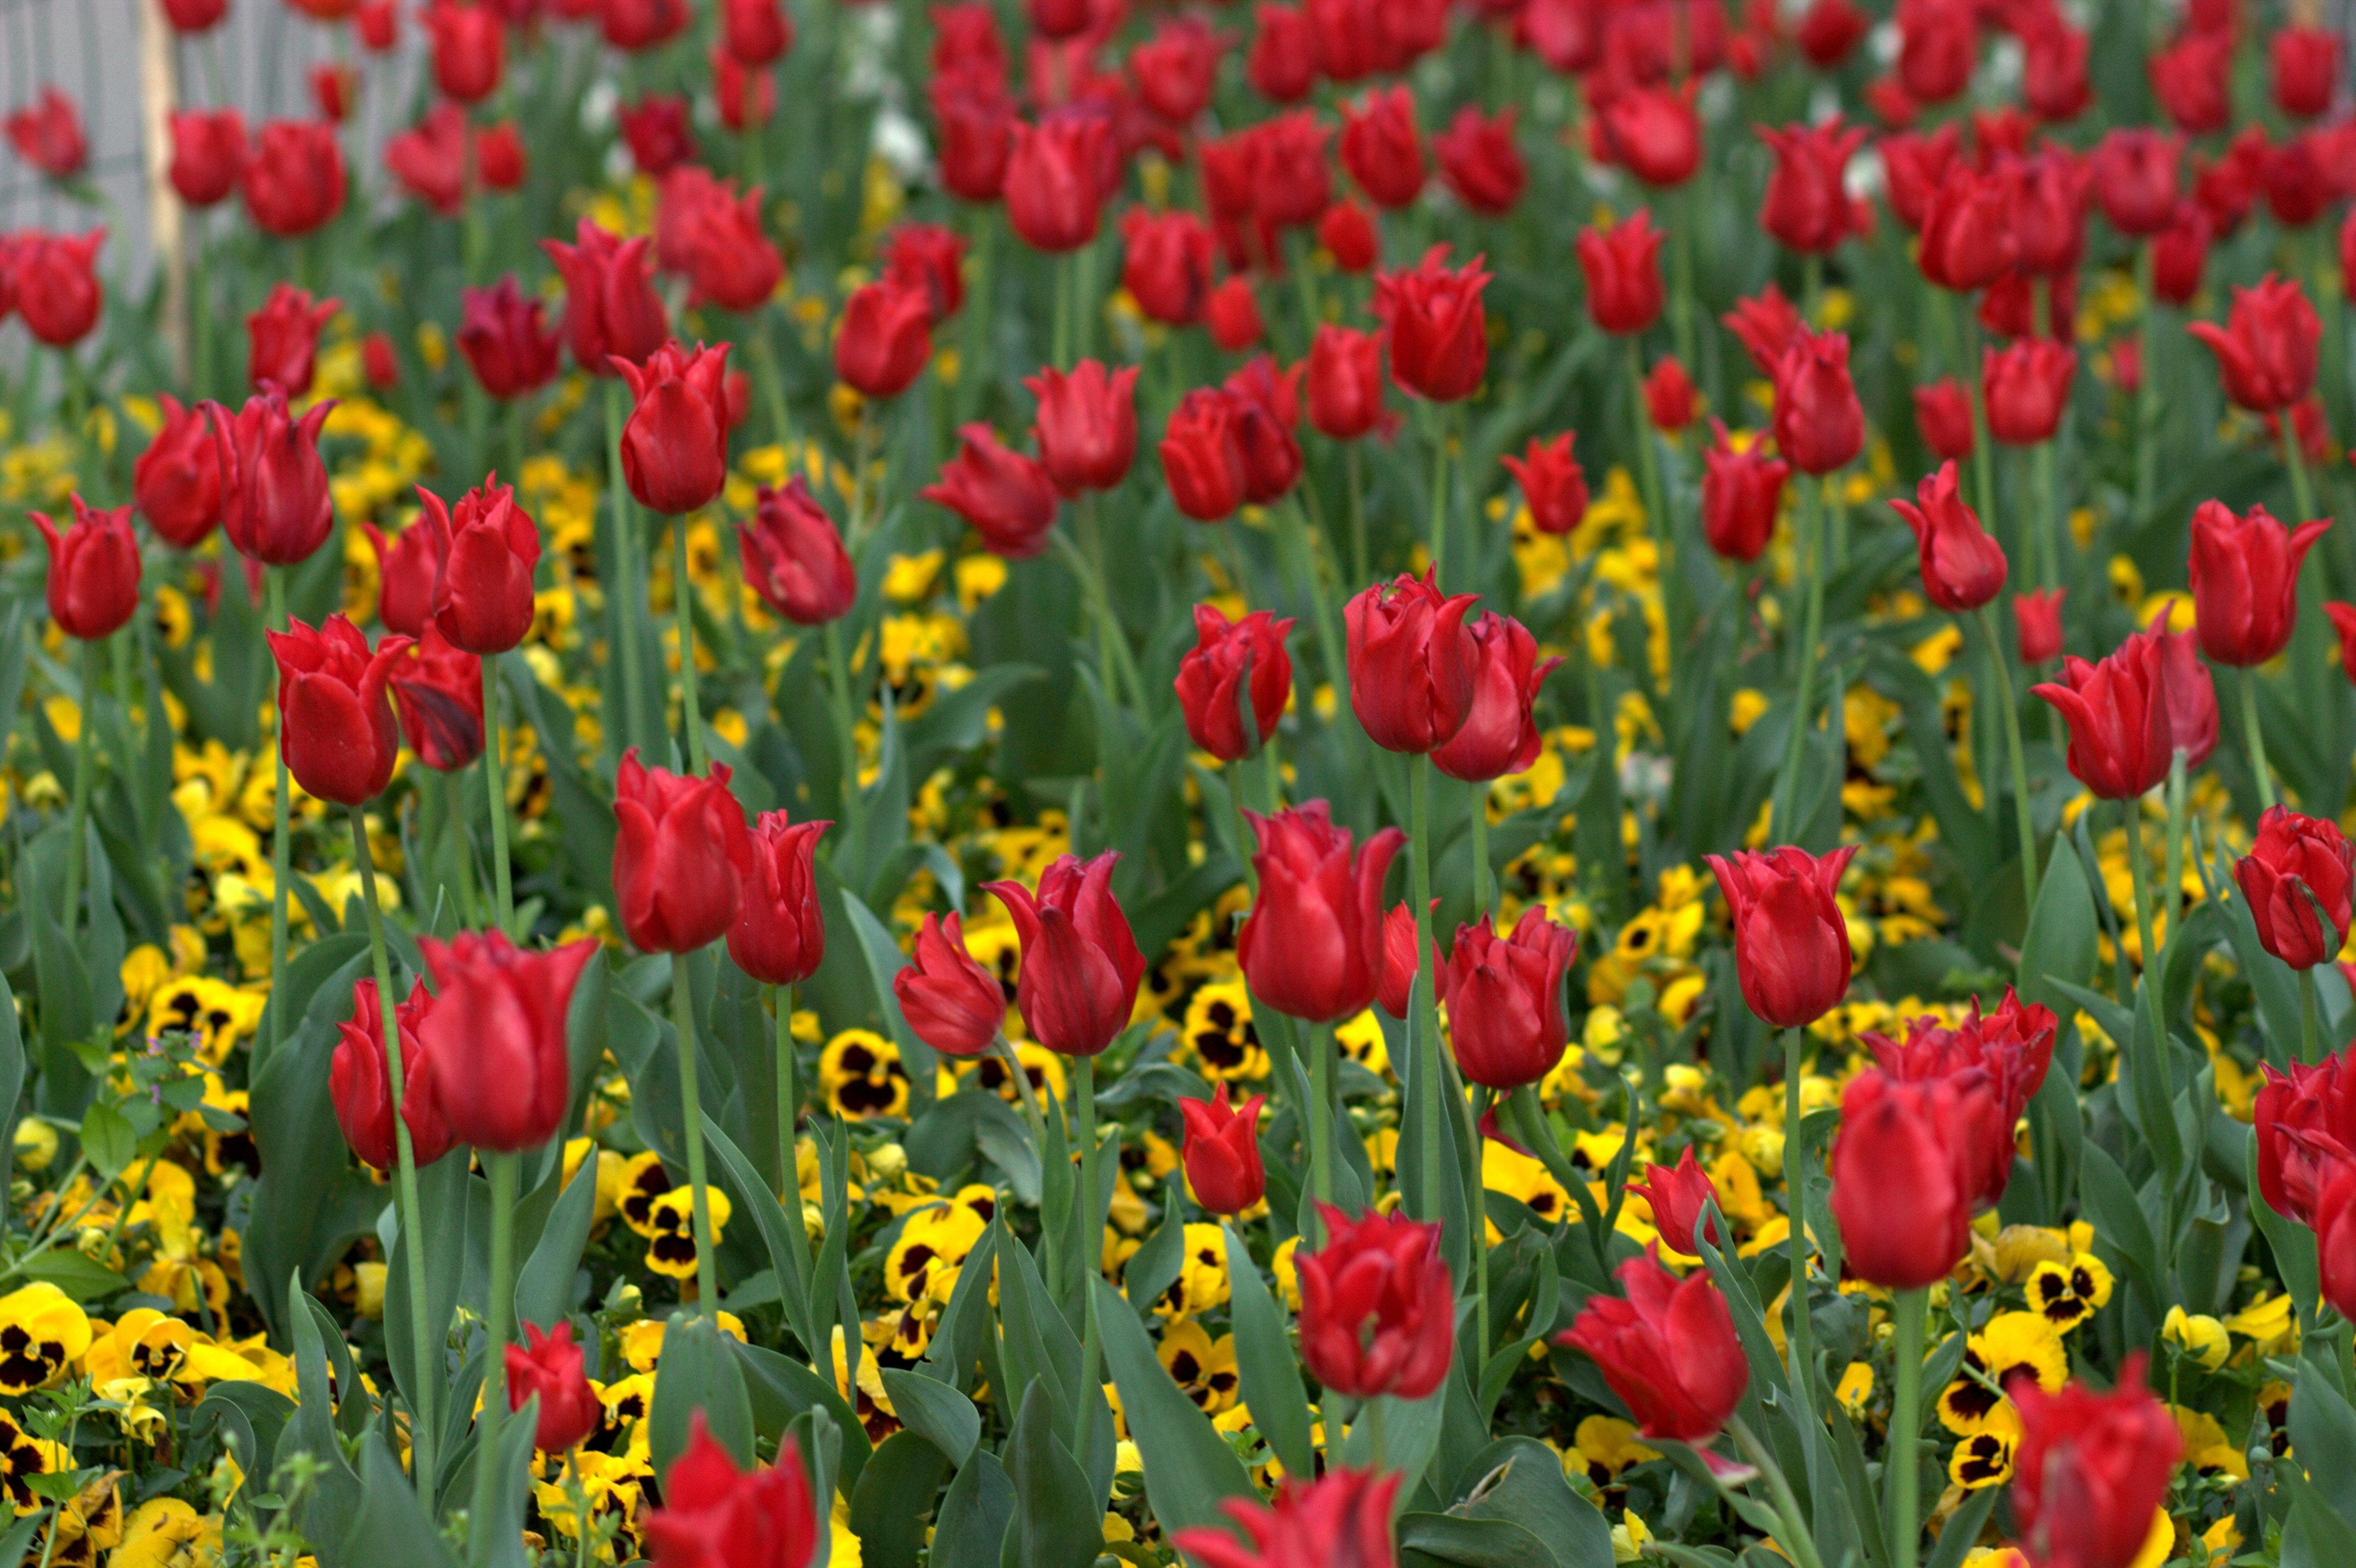 Fotoğraf Alan çiçek Taçyaprağı Lale Bahar Kırmızı çiçekler